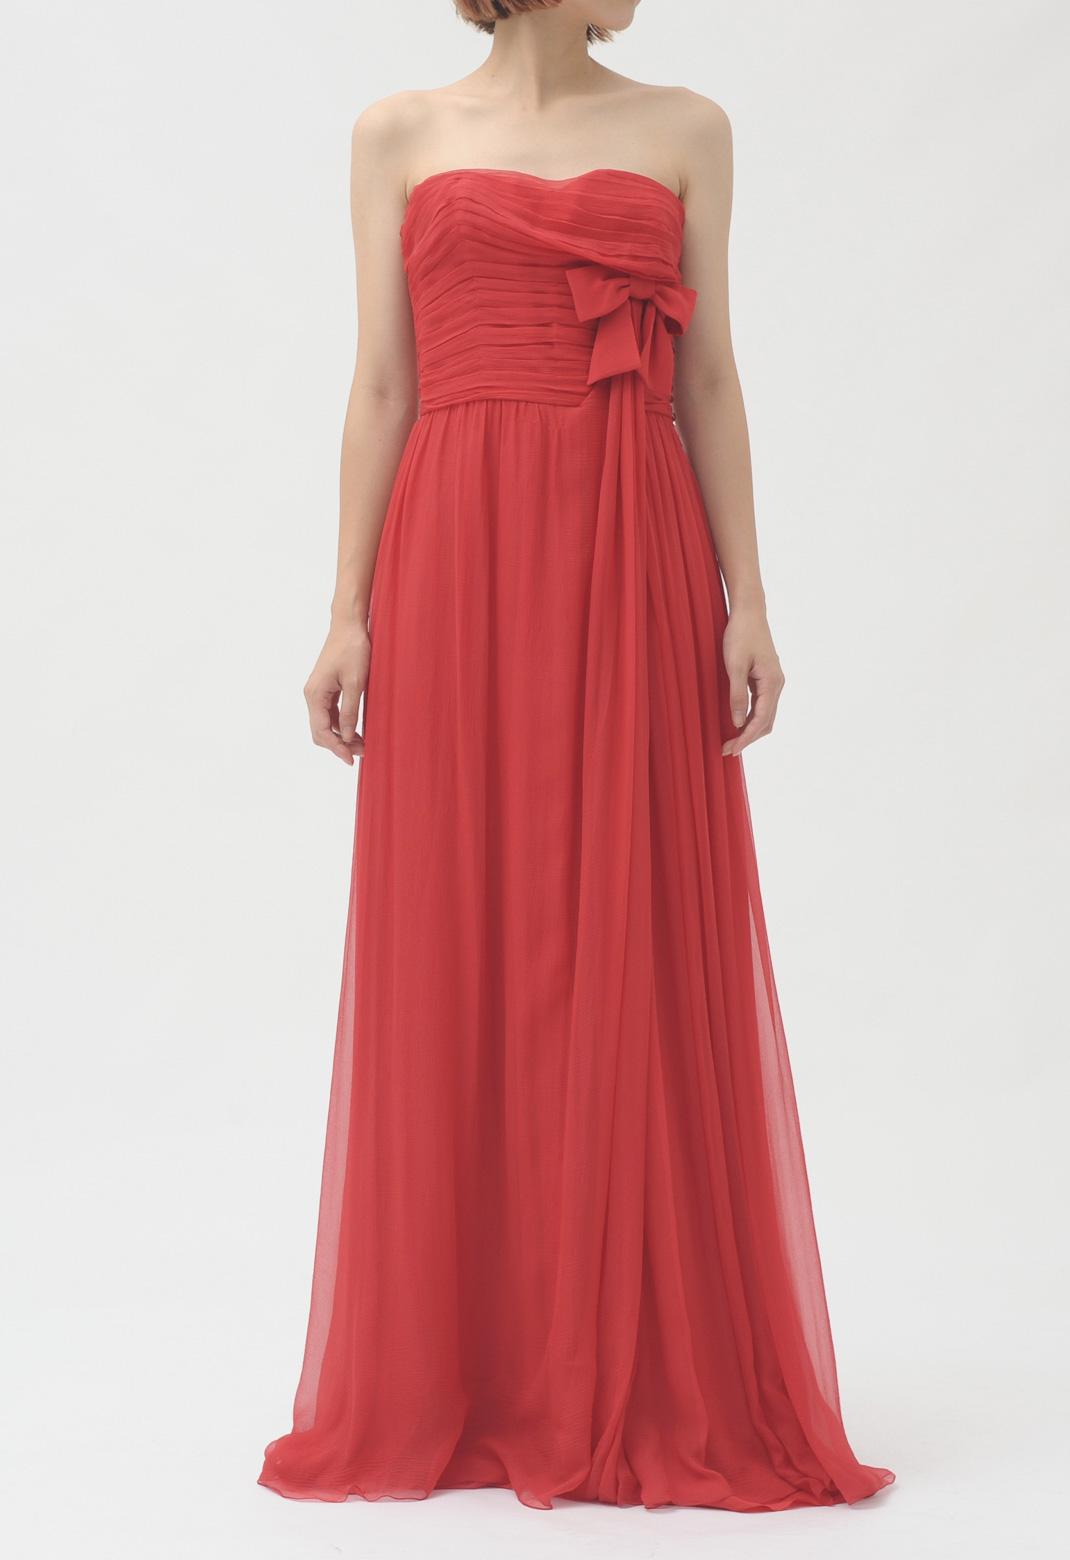 フロントリボン飾り ストラップレス ロング ドレス